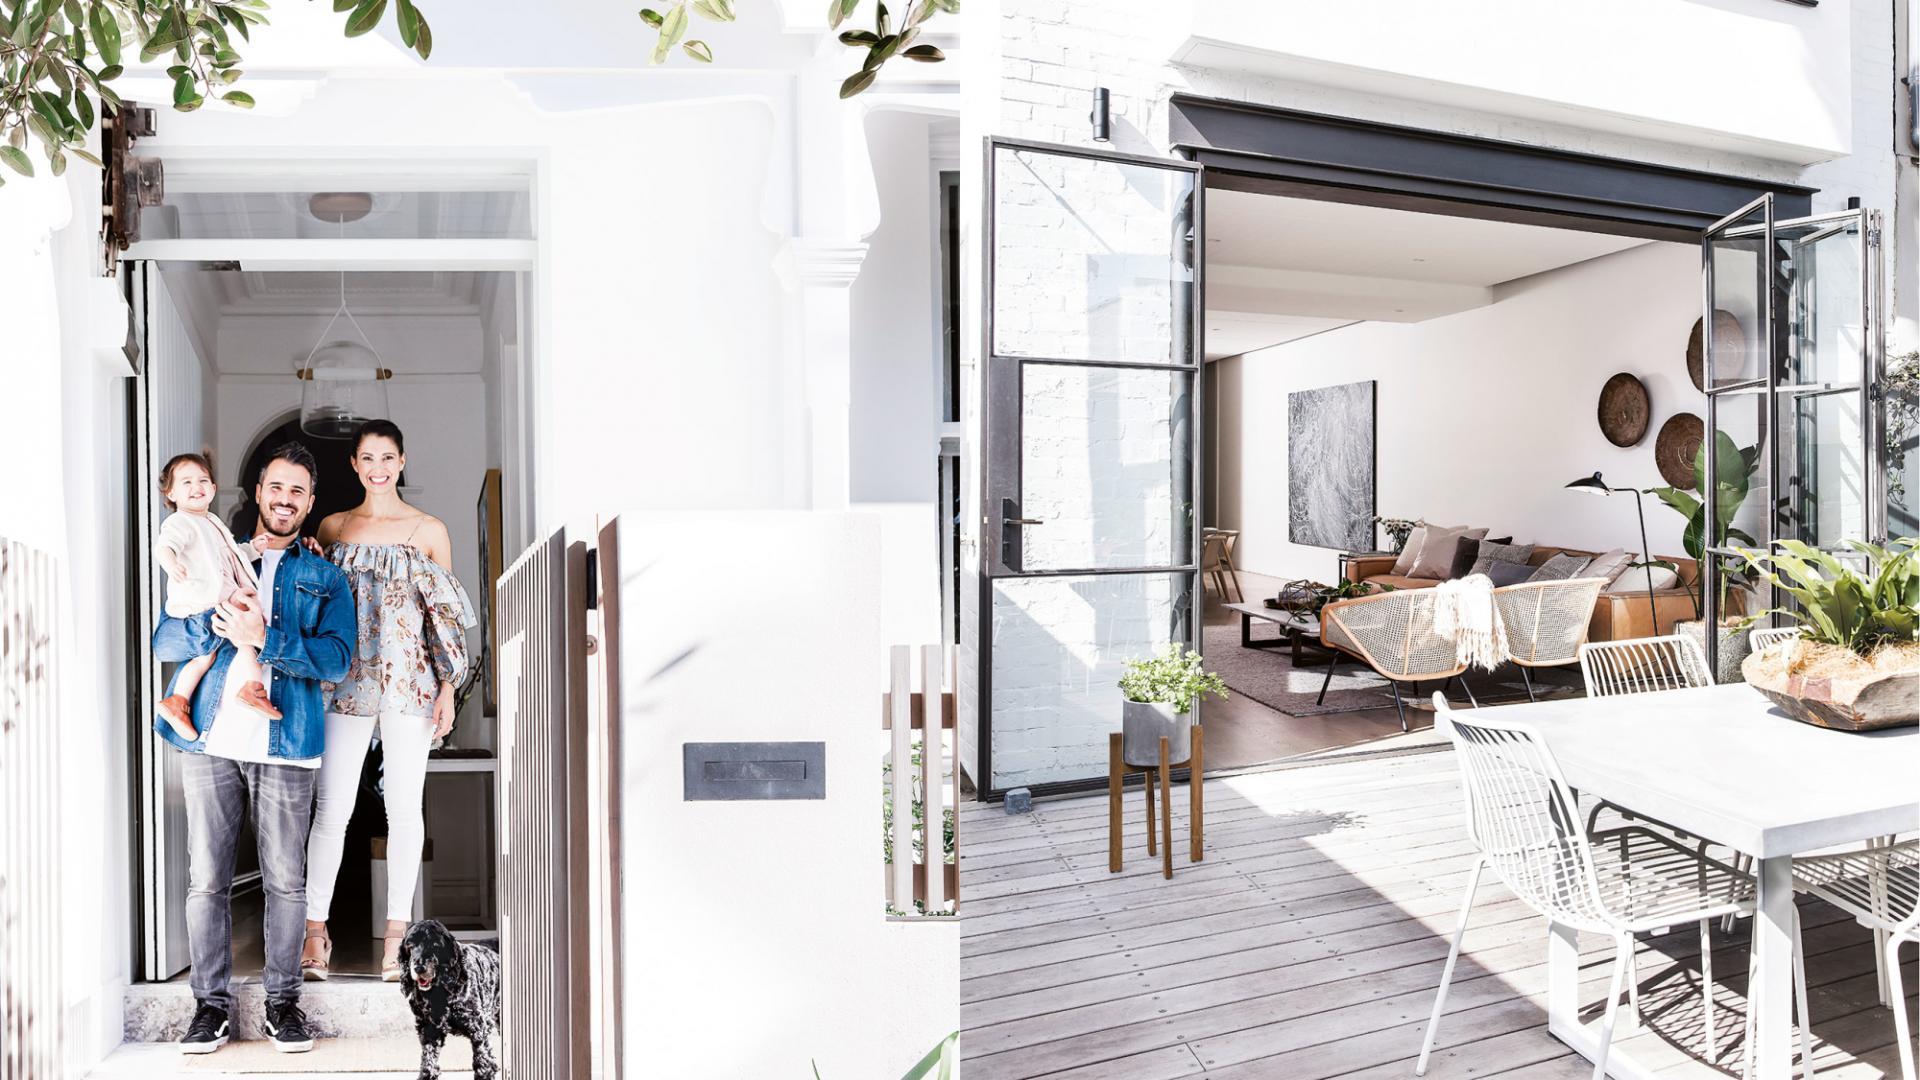 australisch-familie-interieur-voordeur